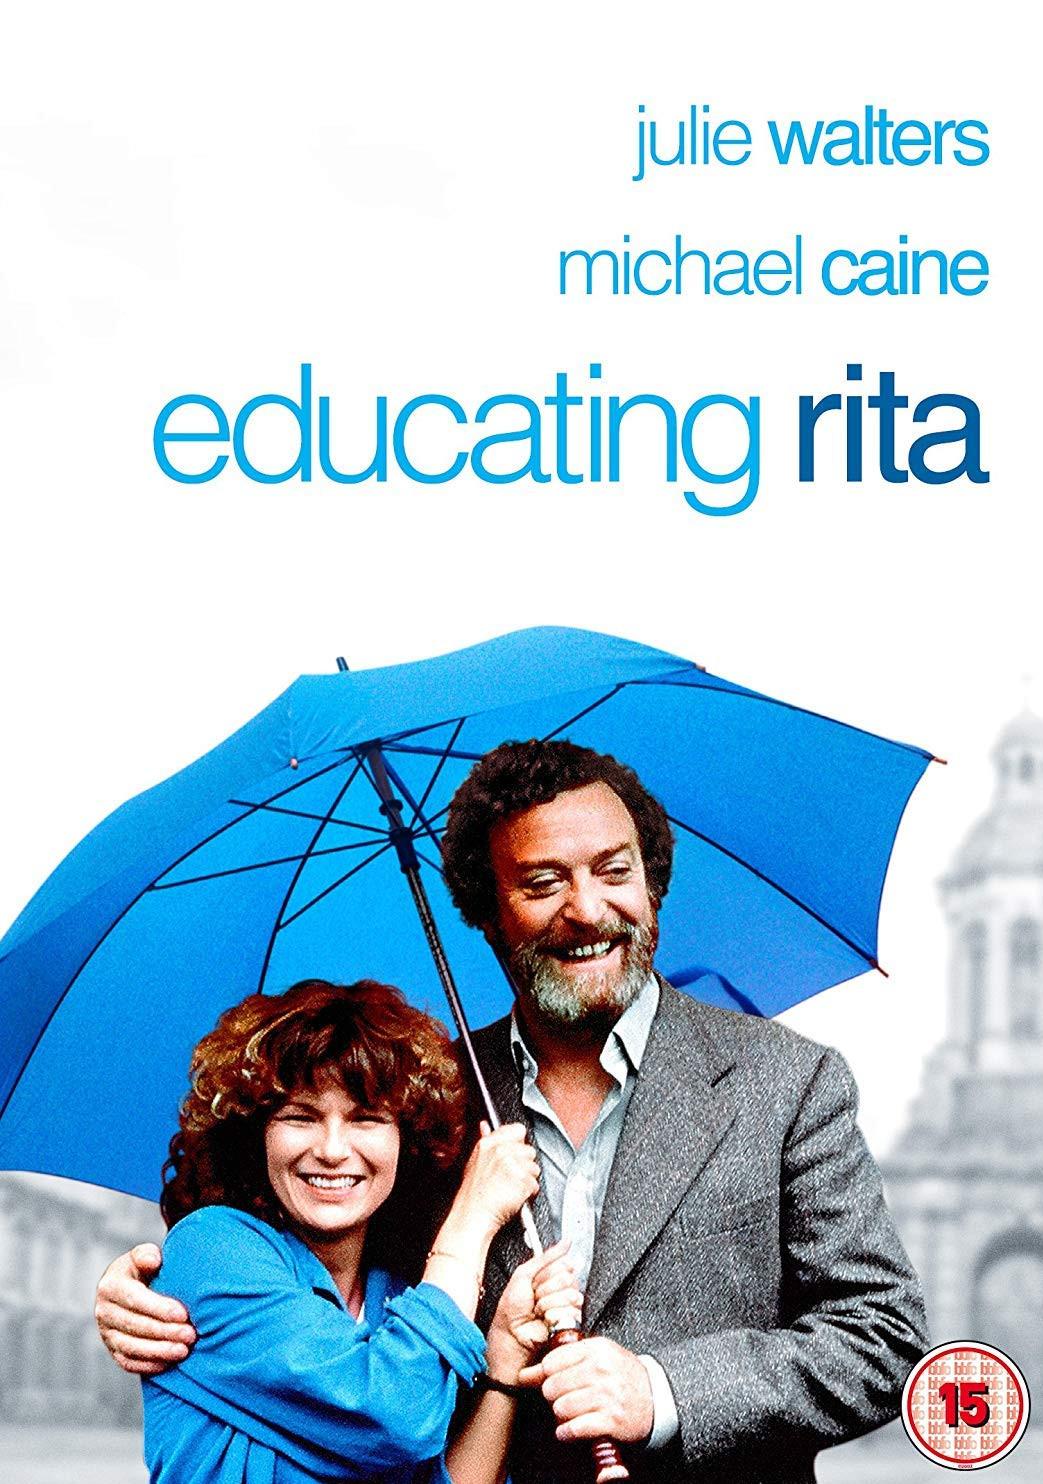 Английское воспитание фильм 1983